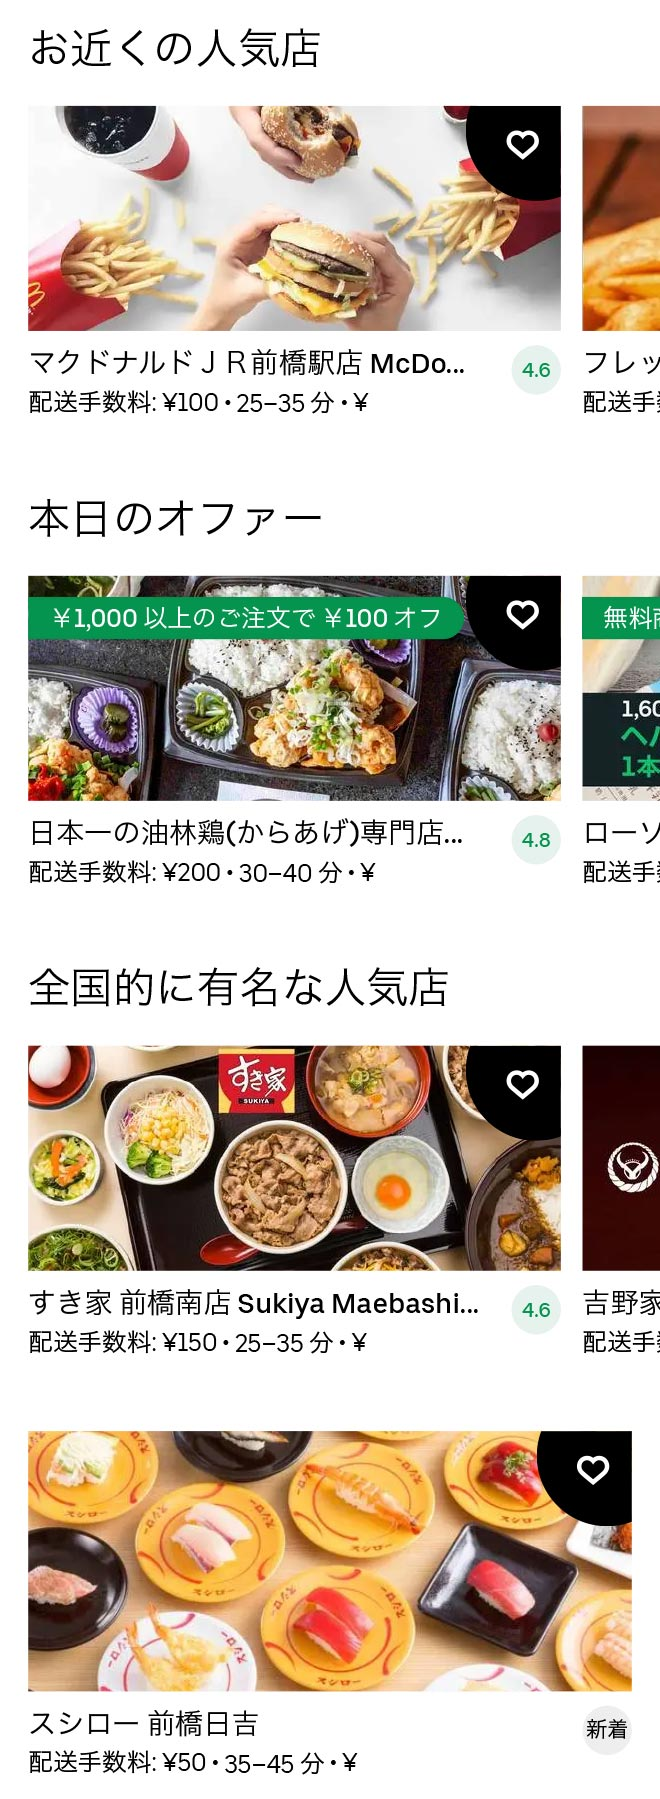 Chuo maebashi menu 2012 01